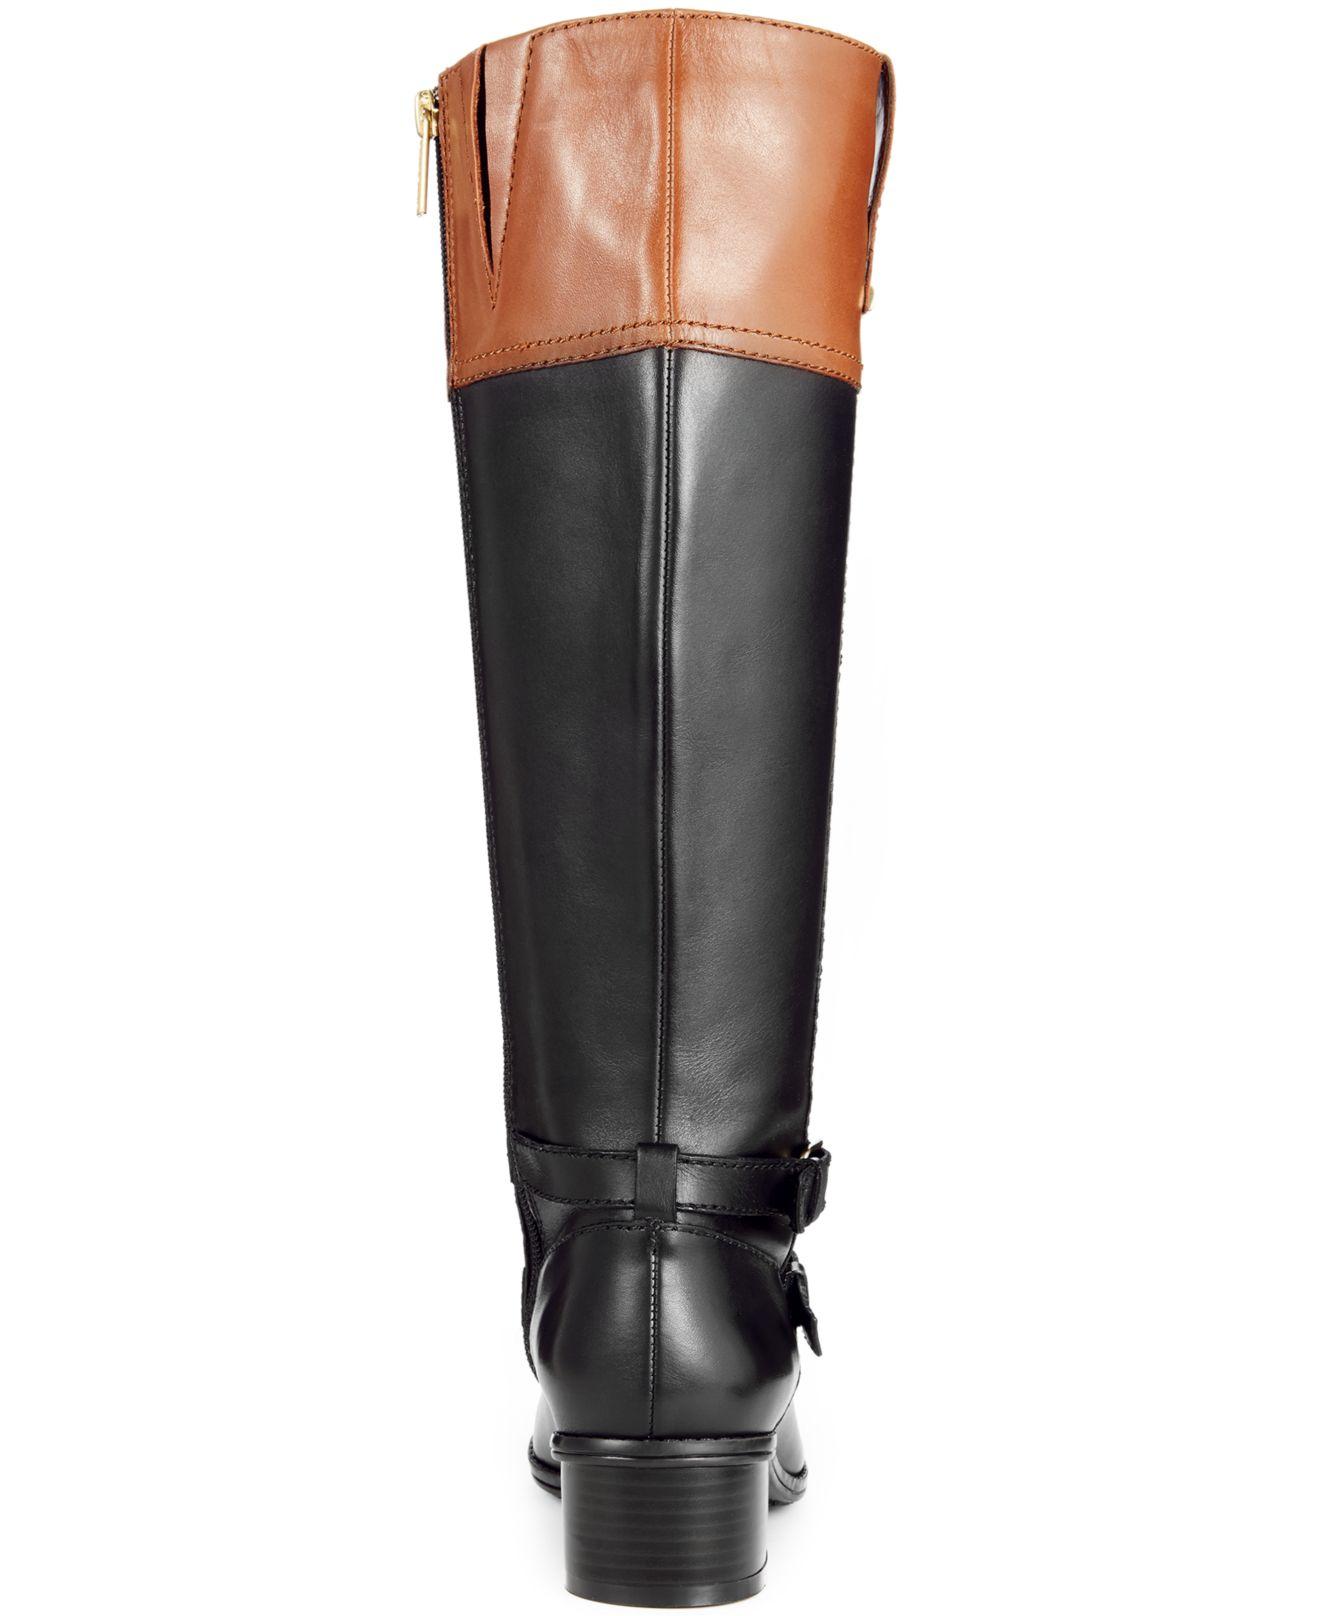 38f00b2d91d Bandolino Black Carlotta Wide Calf Riding Boots - A Macy'S Exclusive